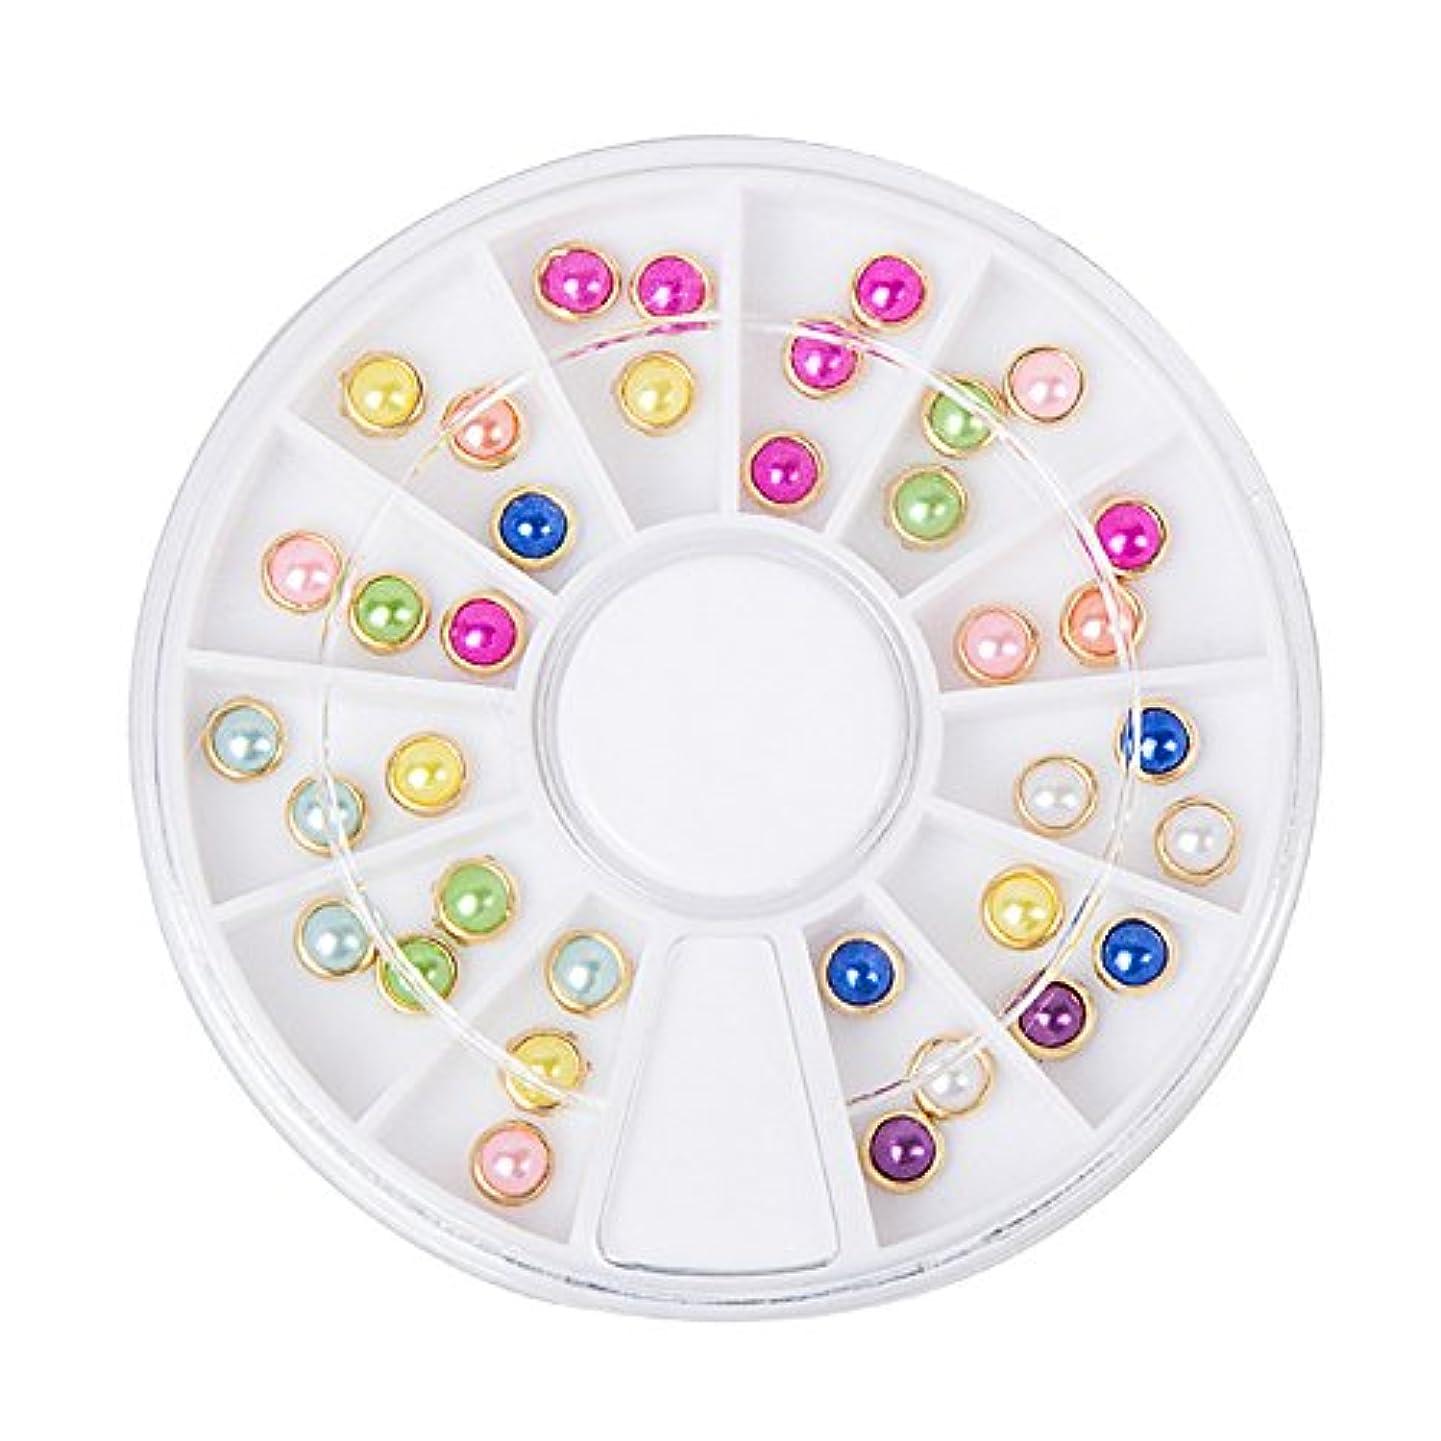 証明する成熟したガチョウジェルネイル ラインストーン アートパーツ パール ハート ダイヤモンド 22種類選択可